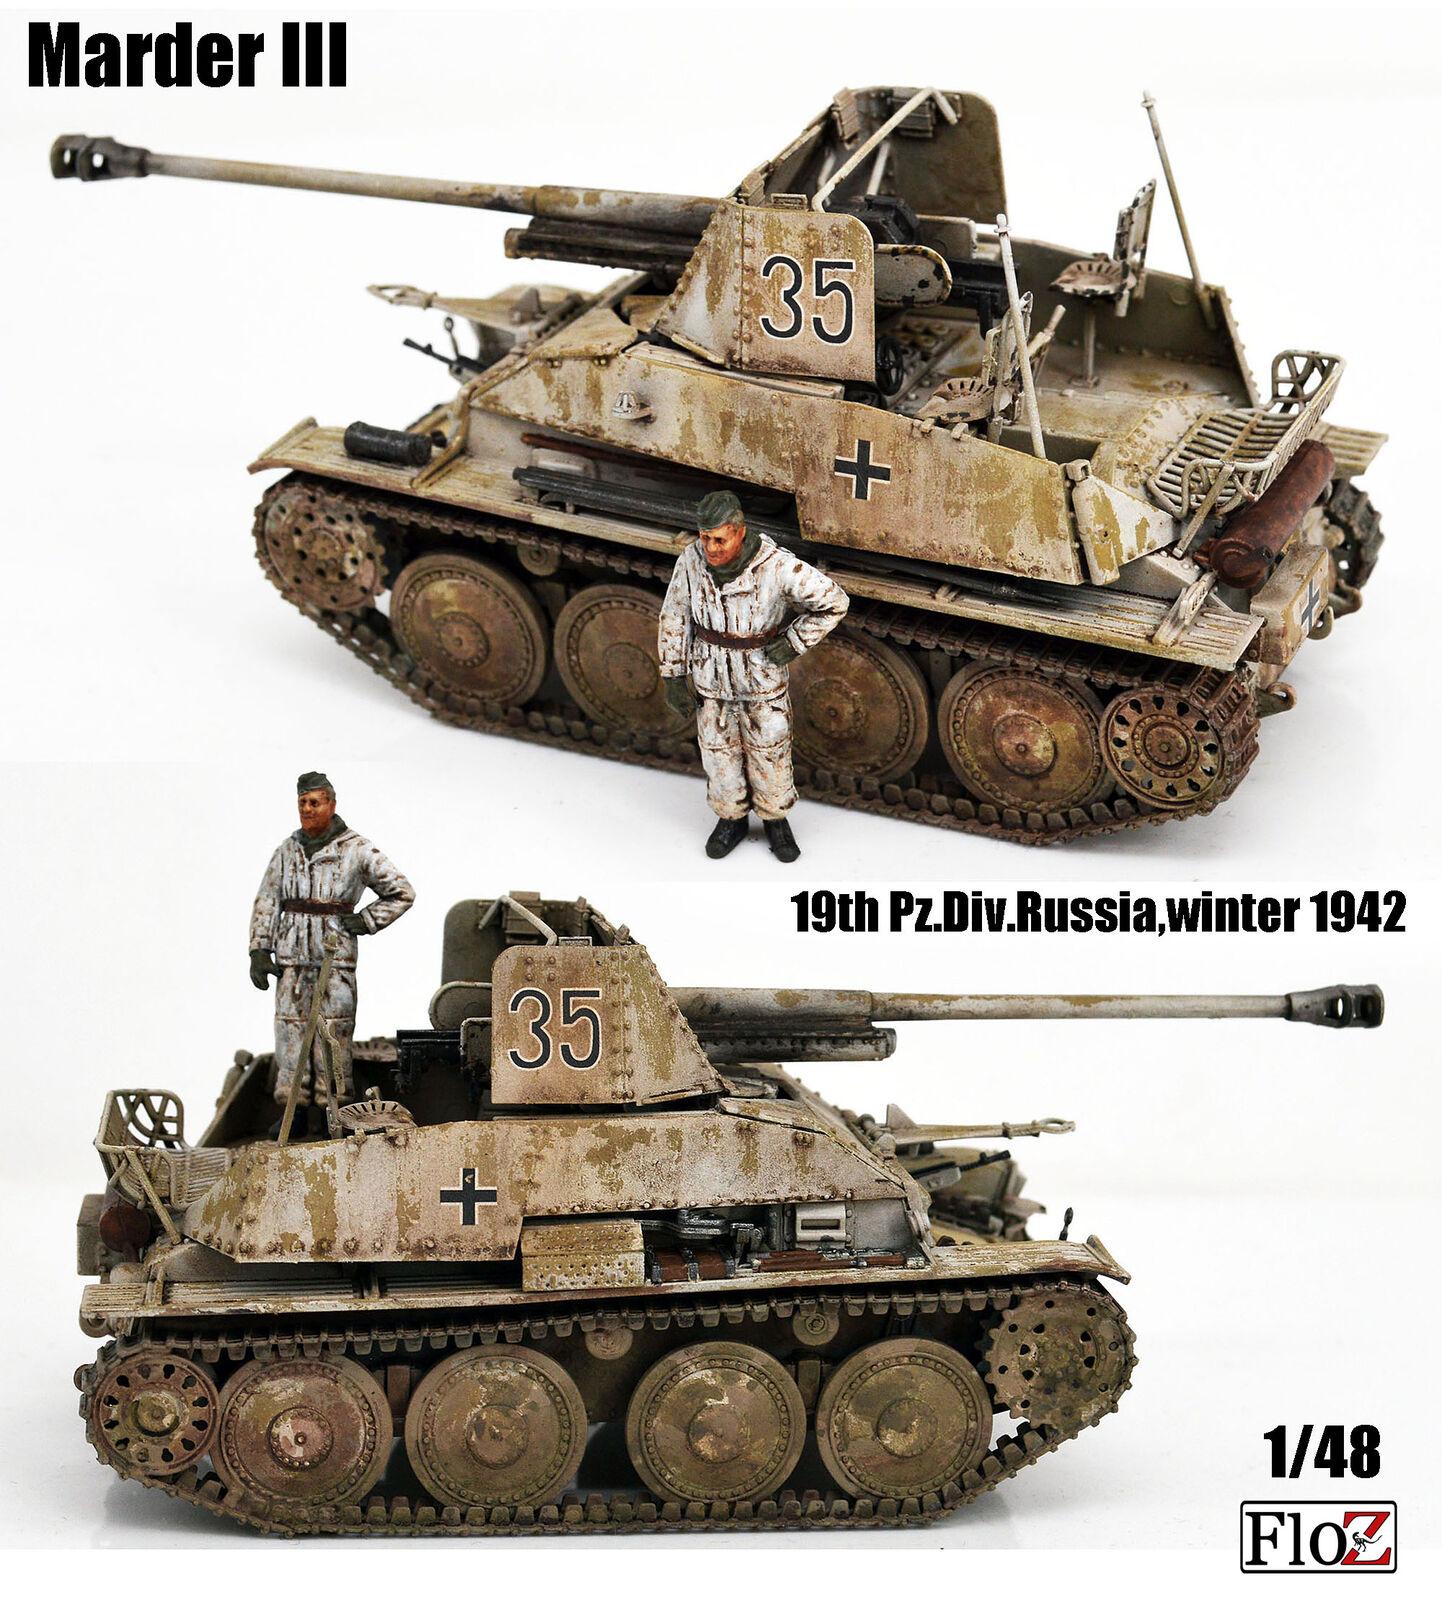 Segunda Guerra Mundial Alemania Marder III SPG Invierno 1942 1 48 floz terminado Tanque Modelo con tripulación